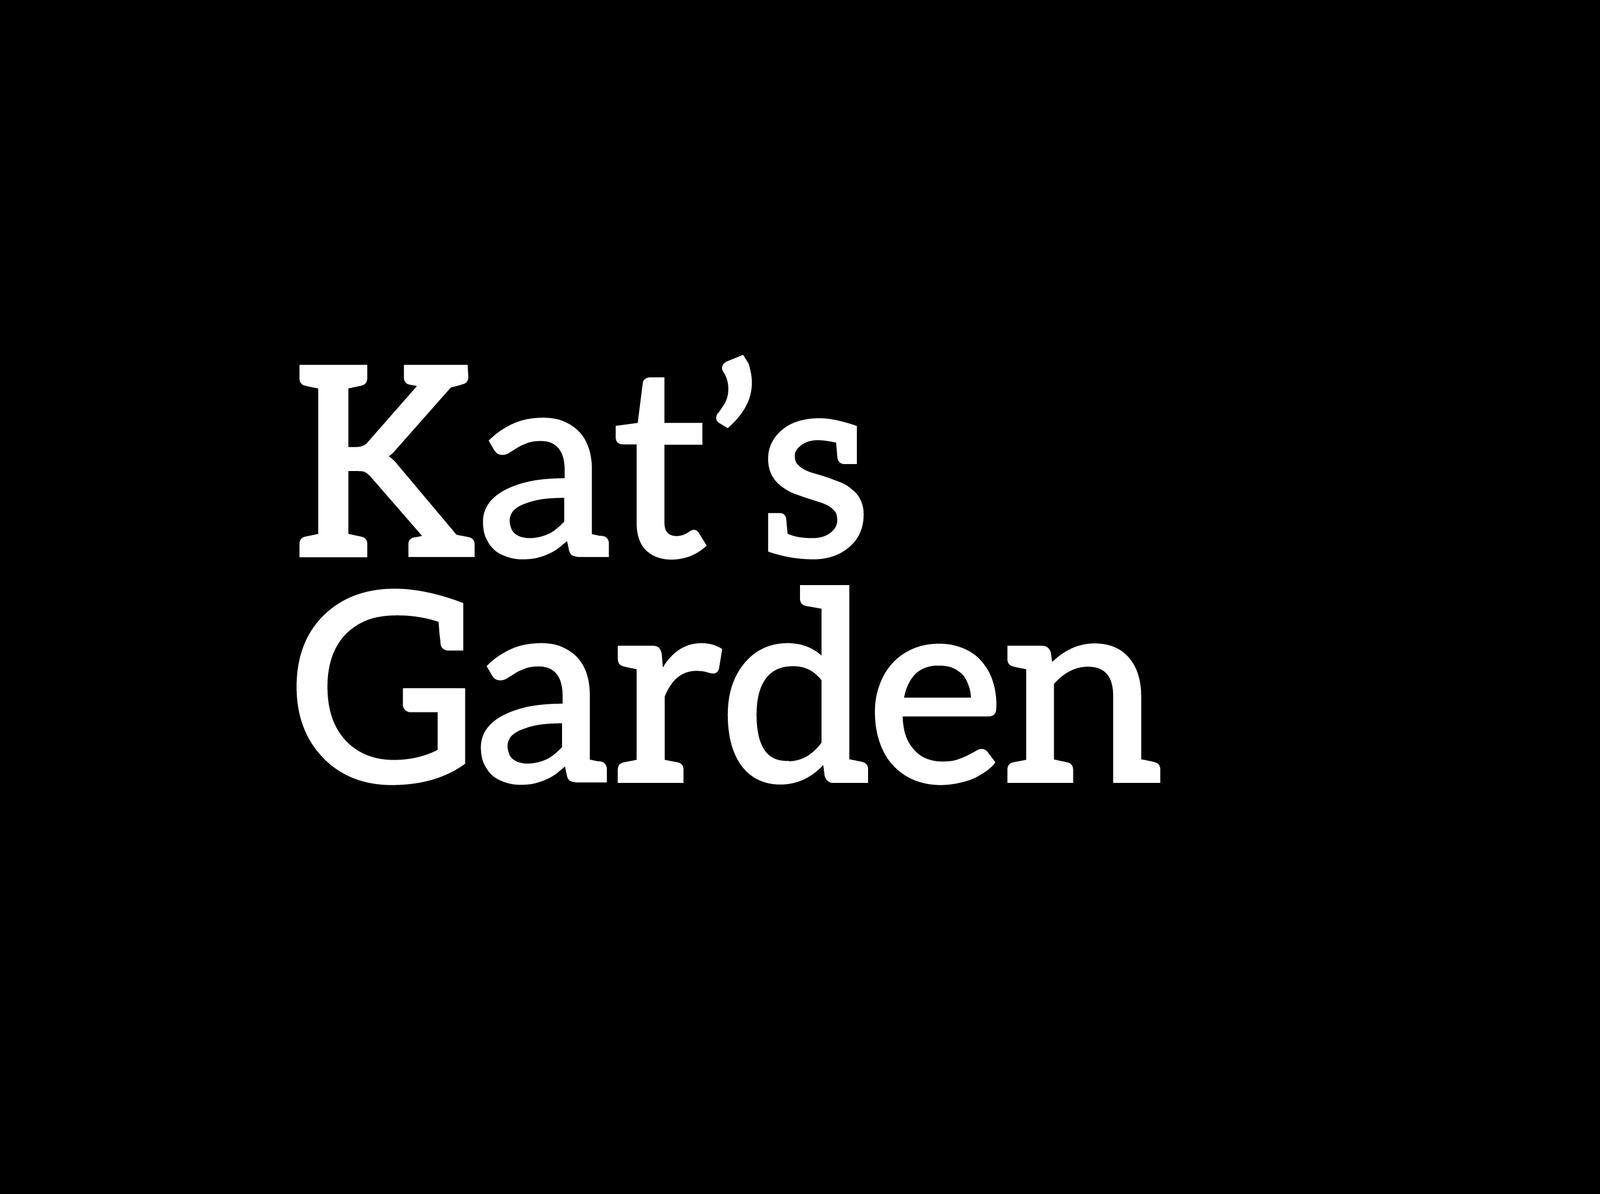 Kat's Garden